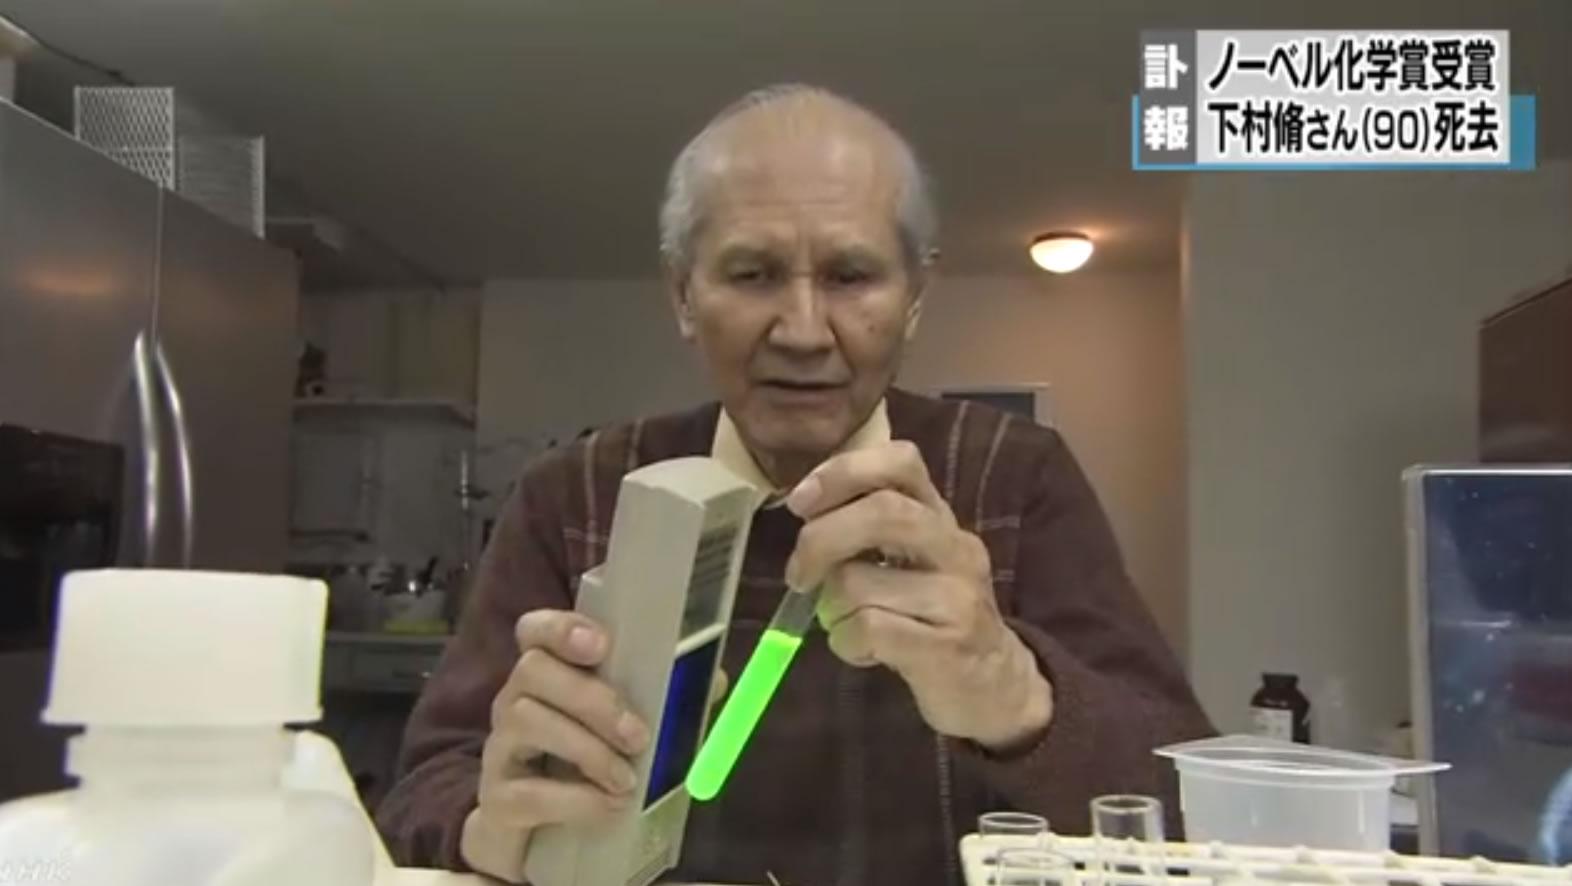 &nbspGanhador japonês do Nobel de Química morre aos 90 anos